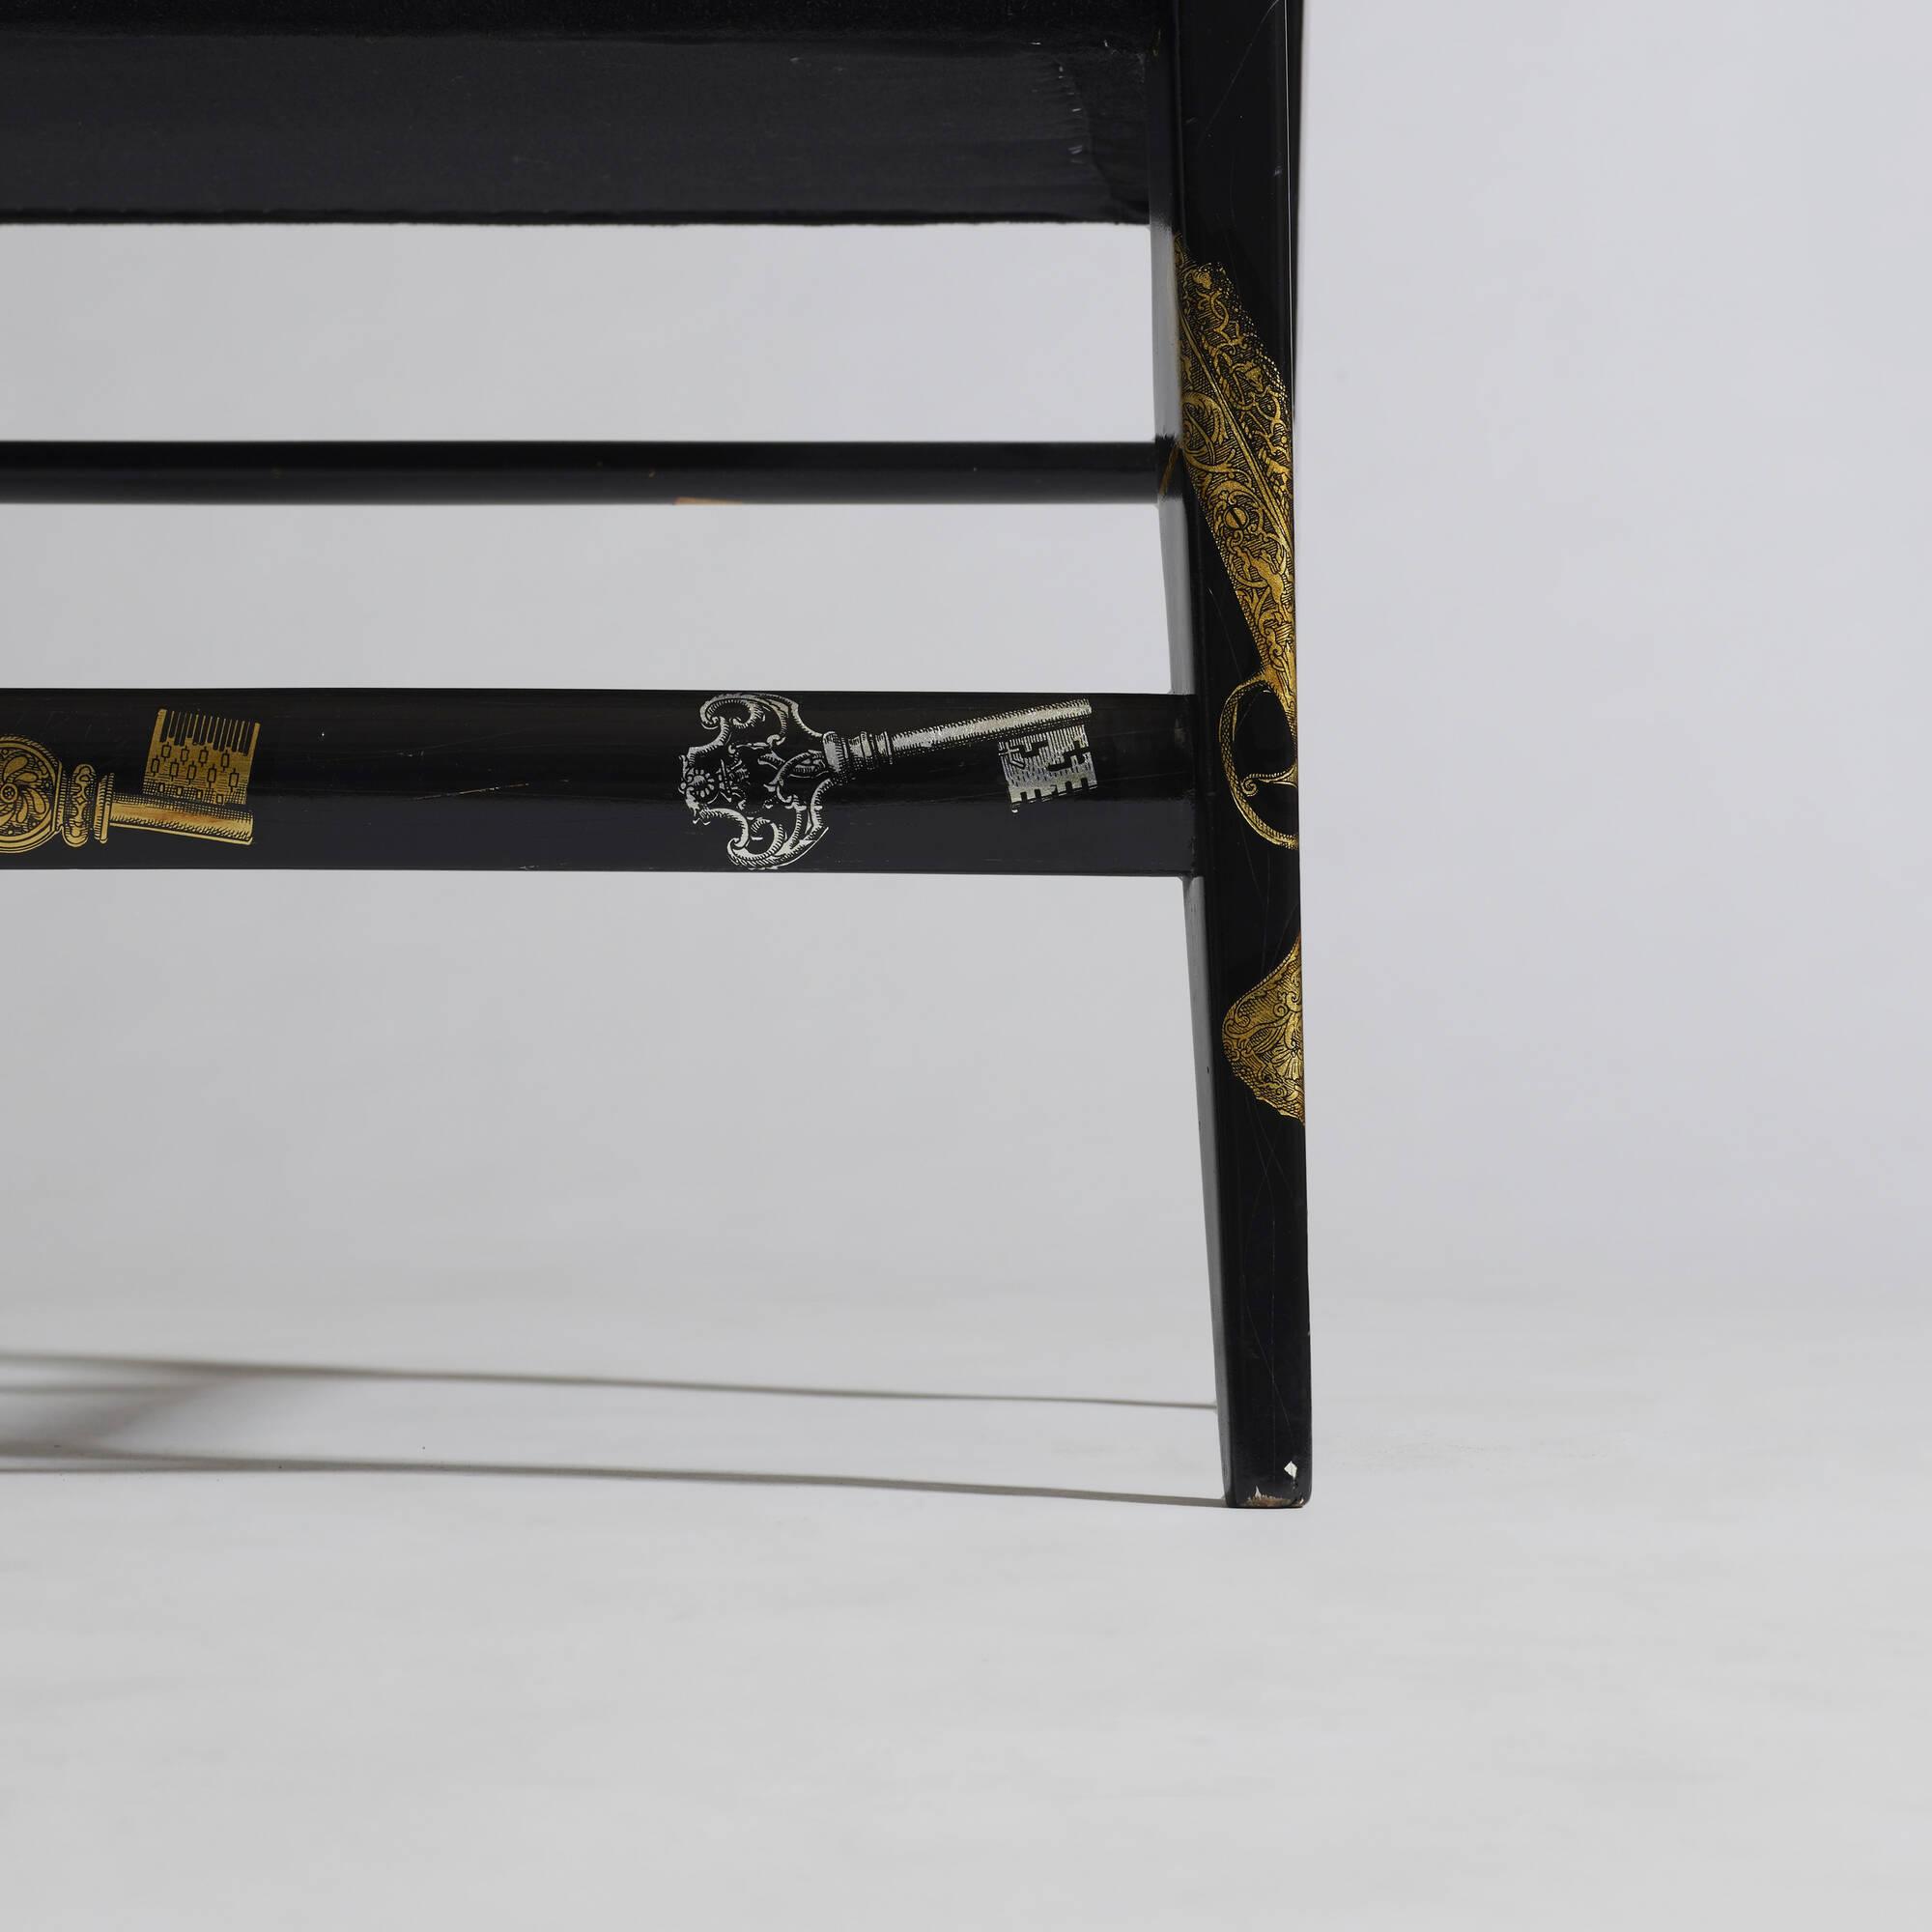 8: Gio Ponti and Piero Fornasetti / Rare armchair (4 of 4)